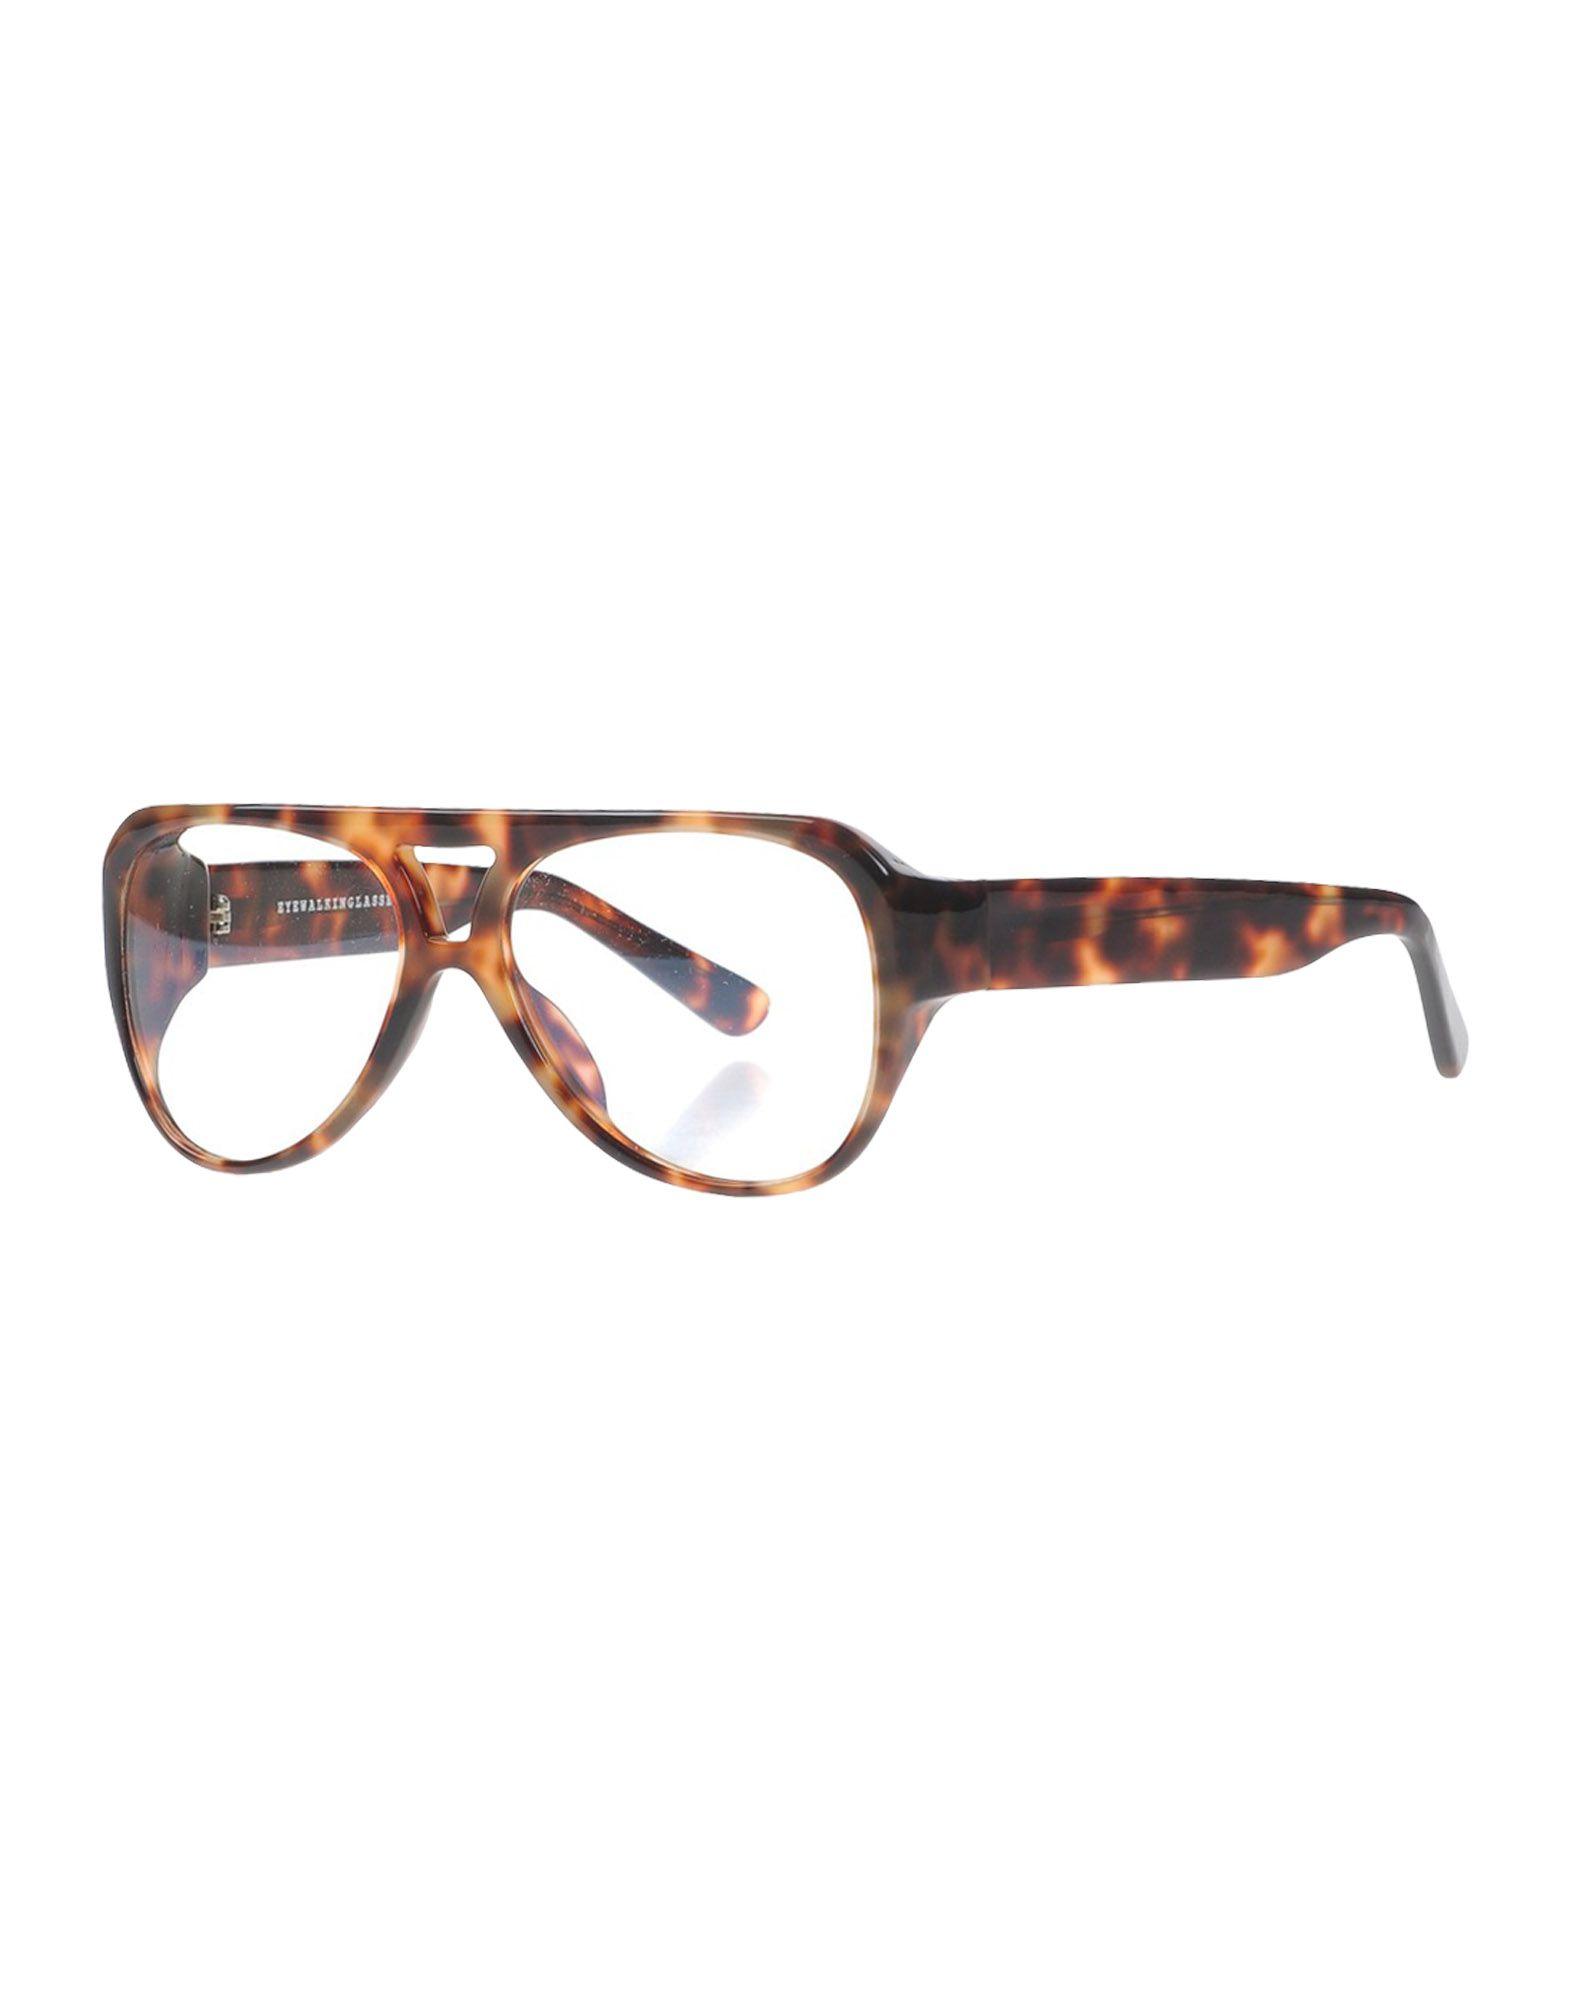 EYEWALKINGLASSES Herren Brille Farbe Braun Größe 1